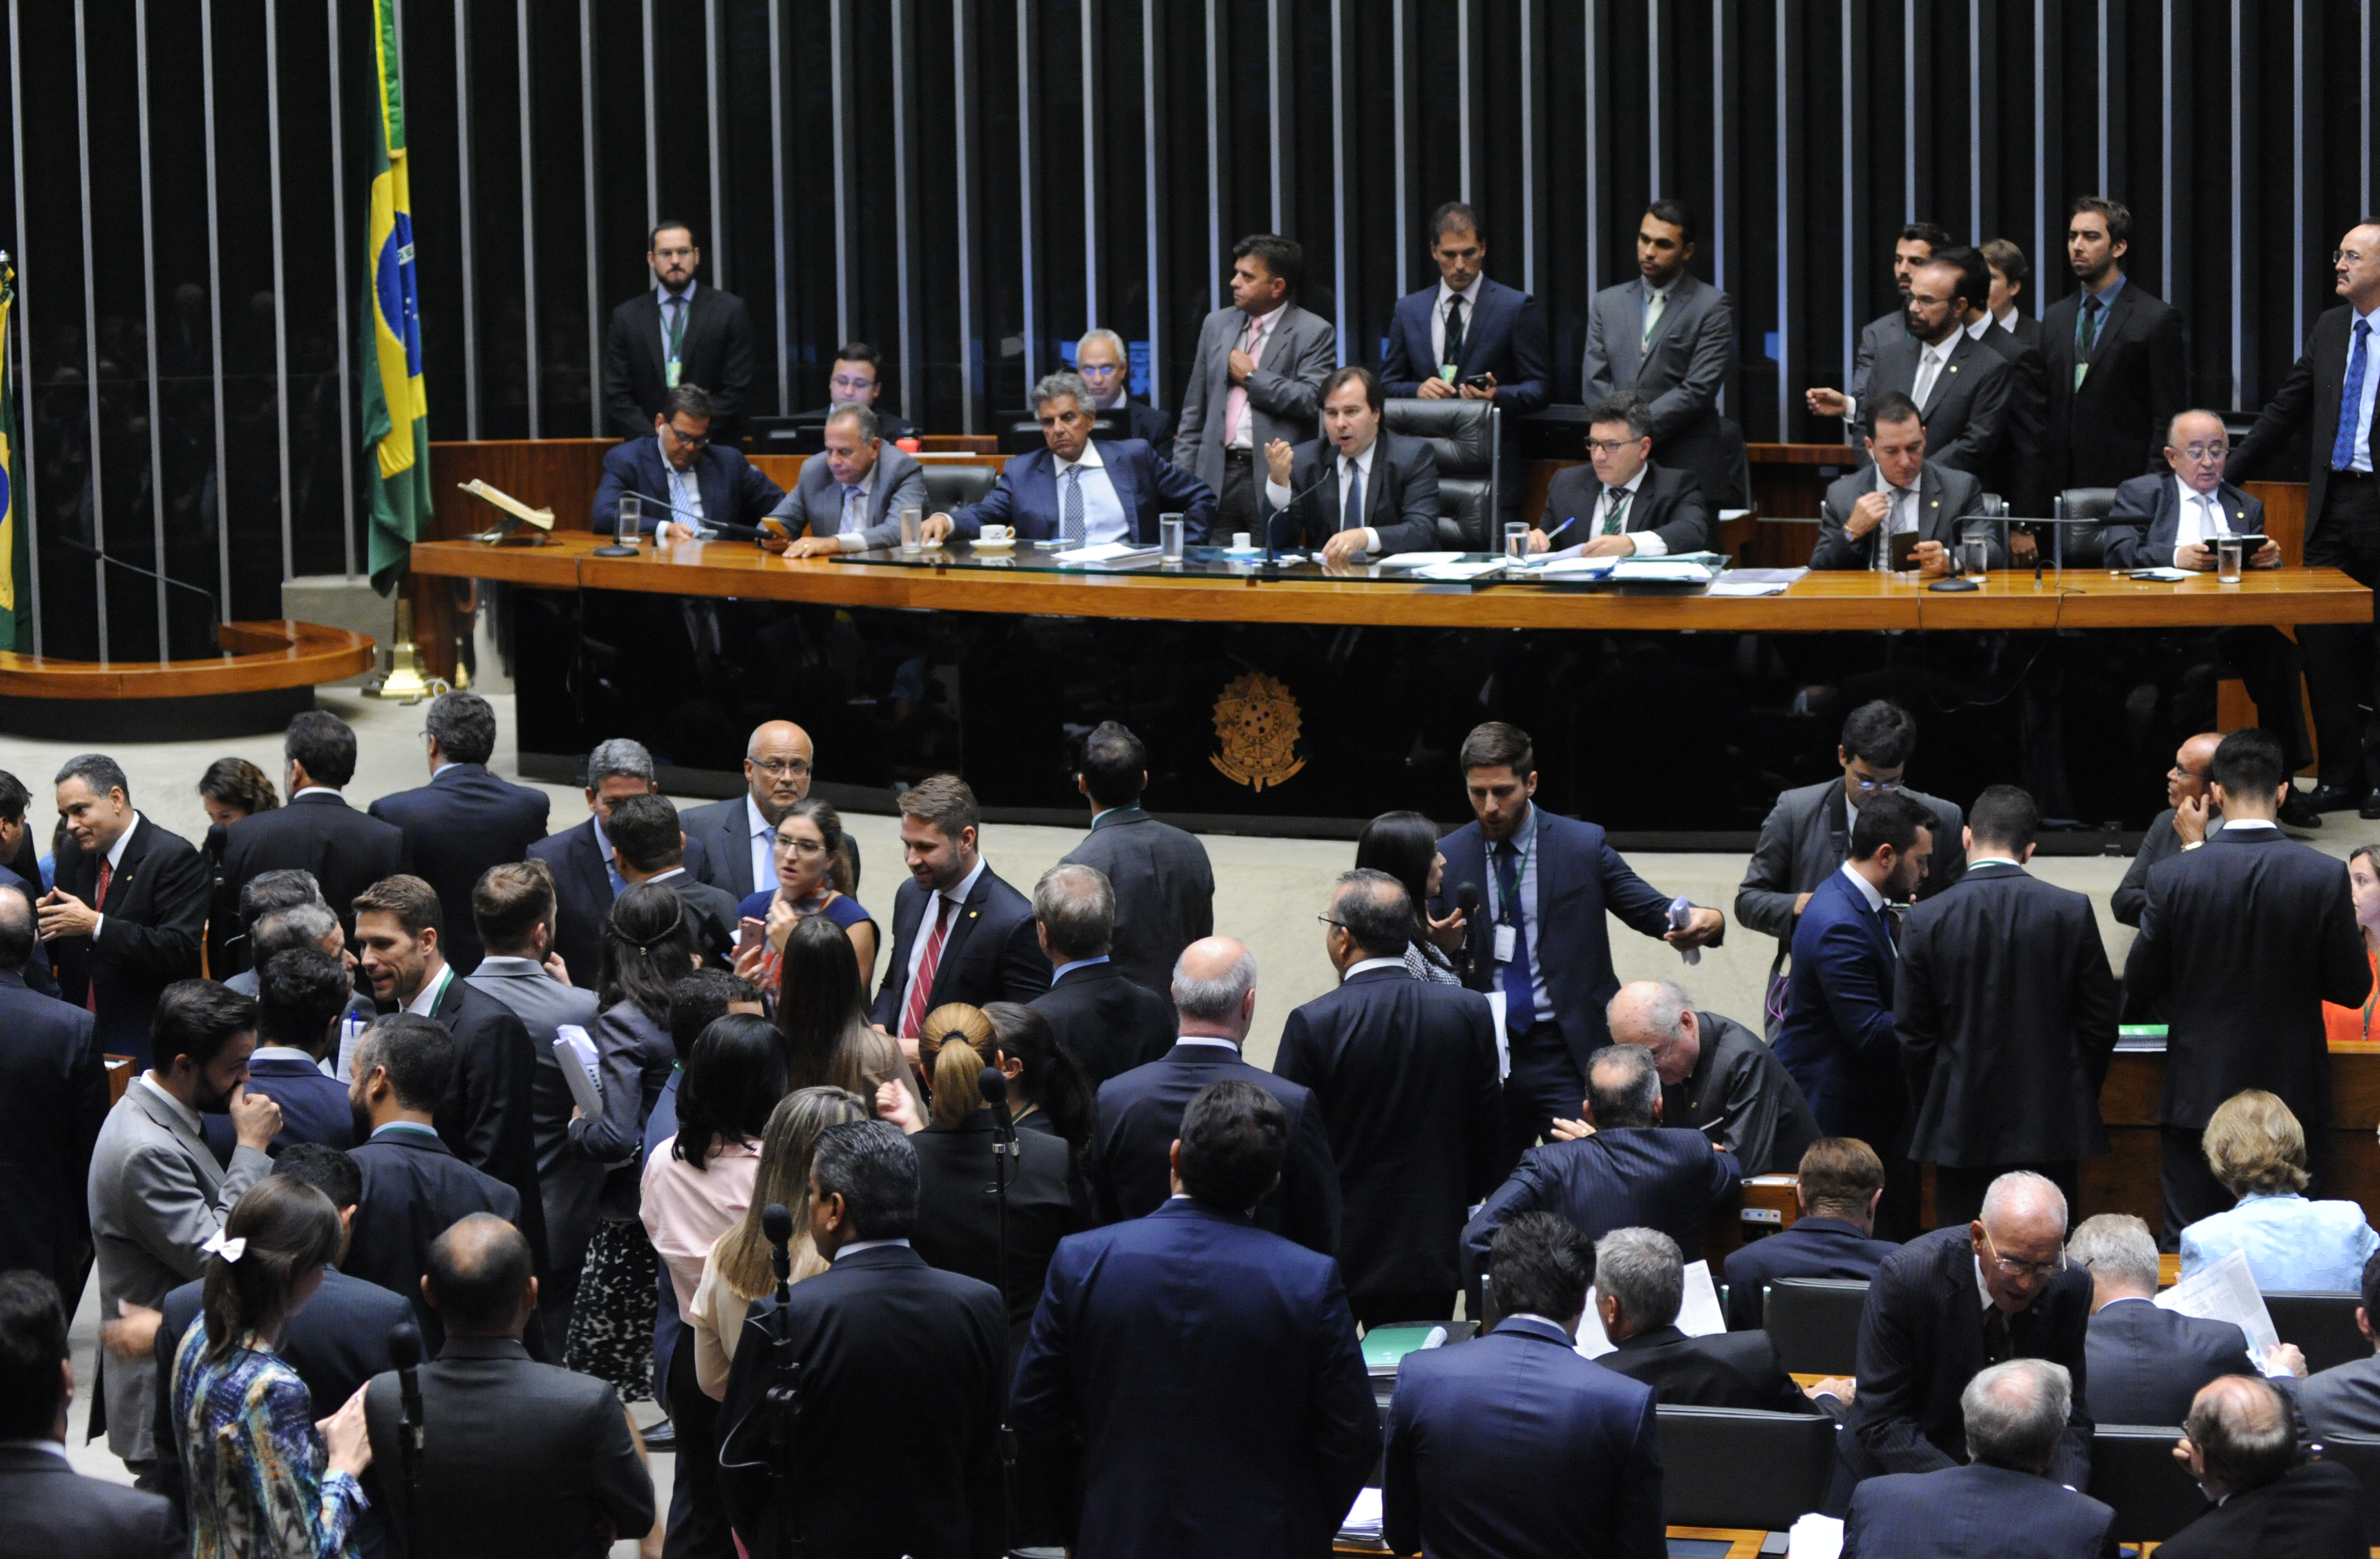 Sessão extraordinária da Câmara dos Deputados para discussão e votação de diversos projetos